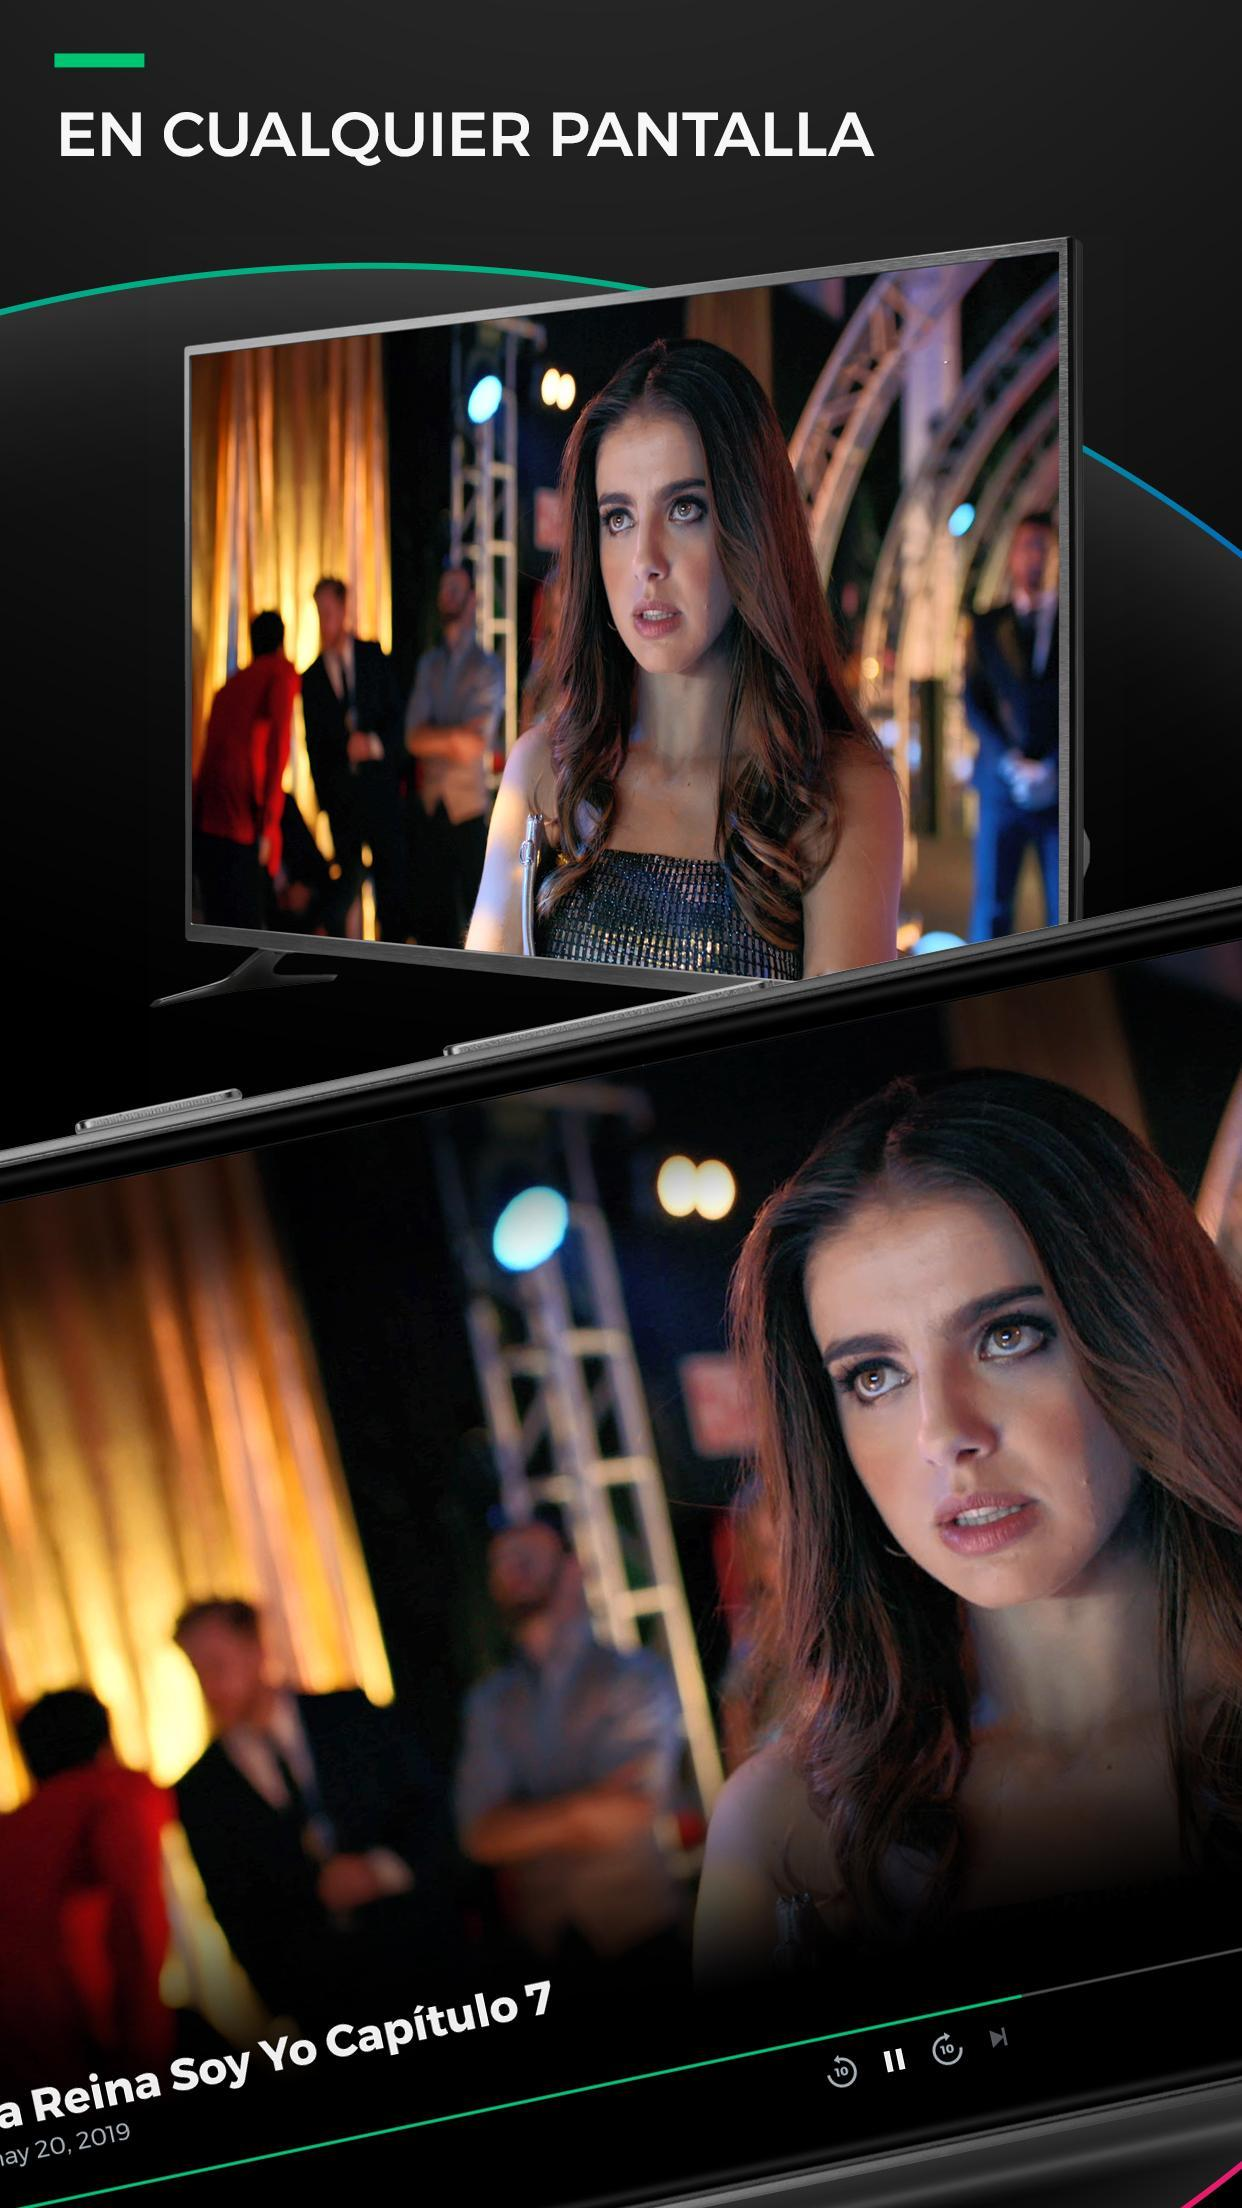 Univision NOW - TV en vivo y on demand en español for